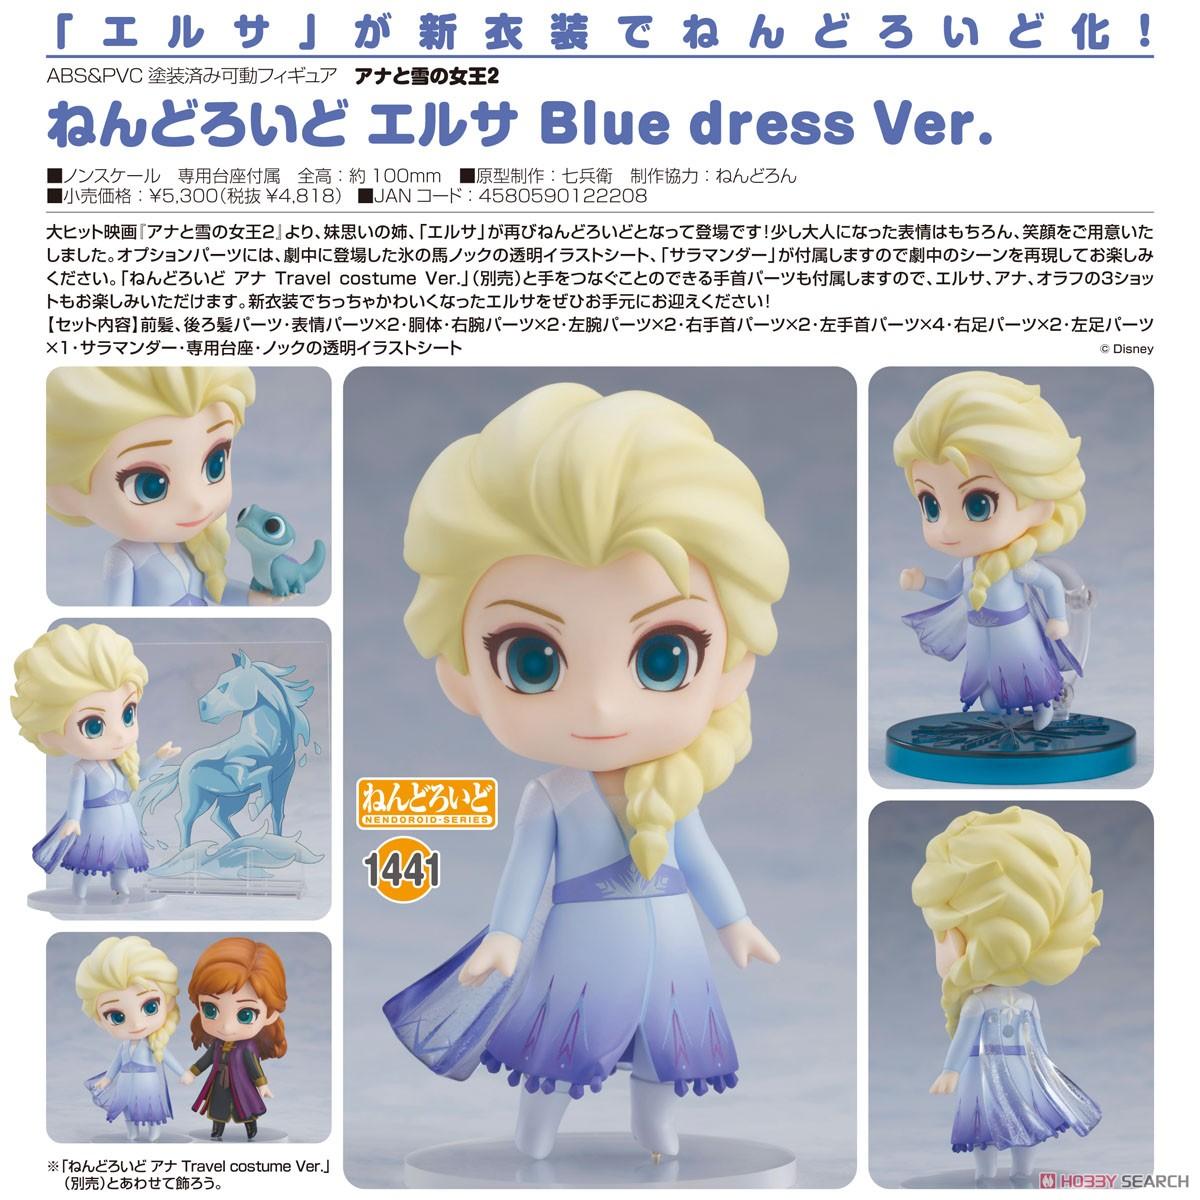 ねんどろいど『エルサ Blue dress Ver.』アナと雪の女王2 デフォルメ可動フィギュア-008